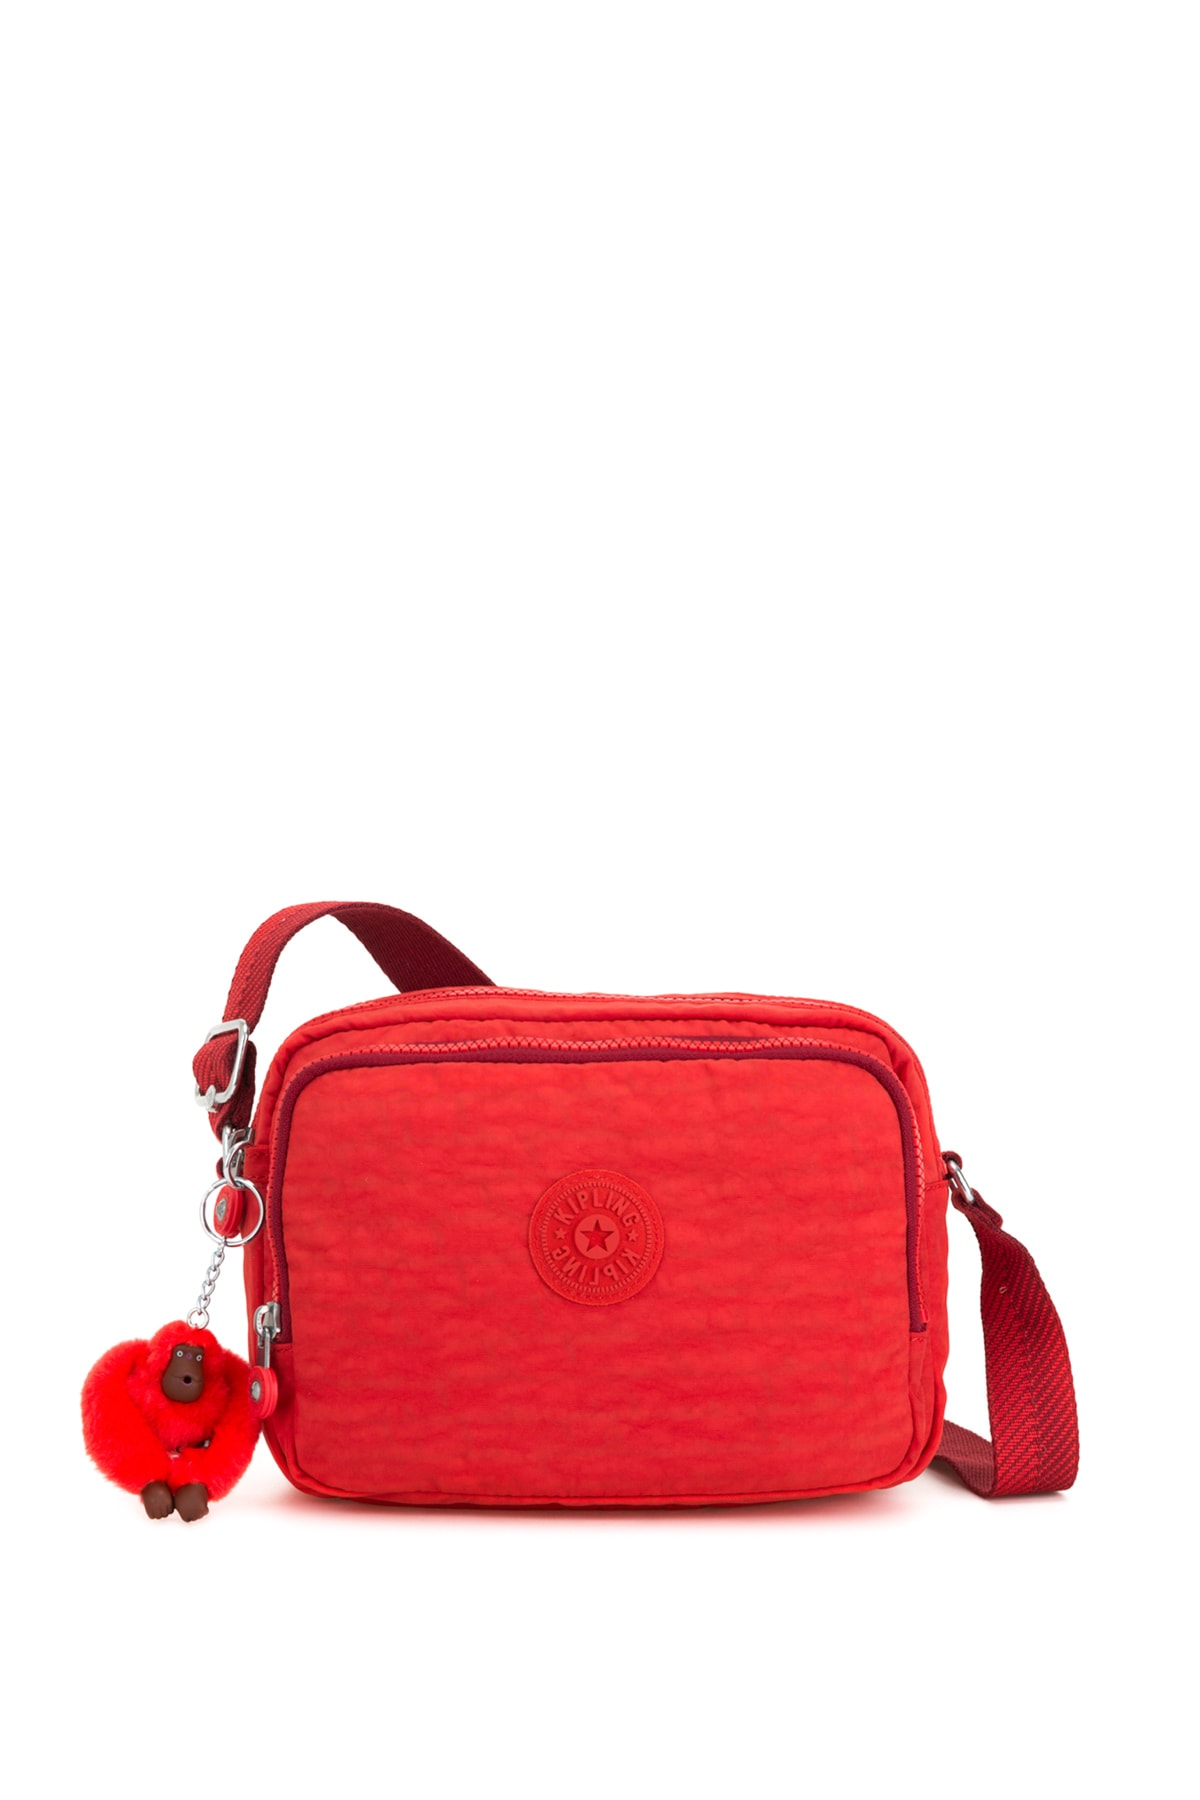 Kipling Kadın Active Red Omuz Çantası 19Y.KDN.CPR.MEB.0043 1